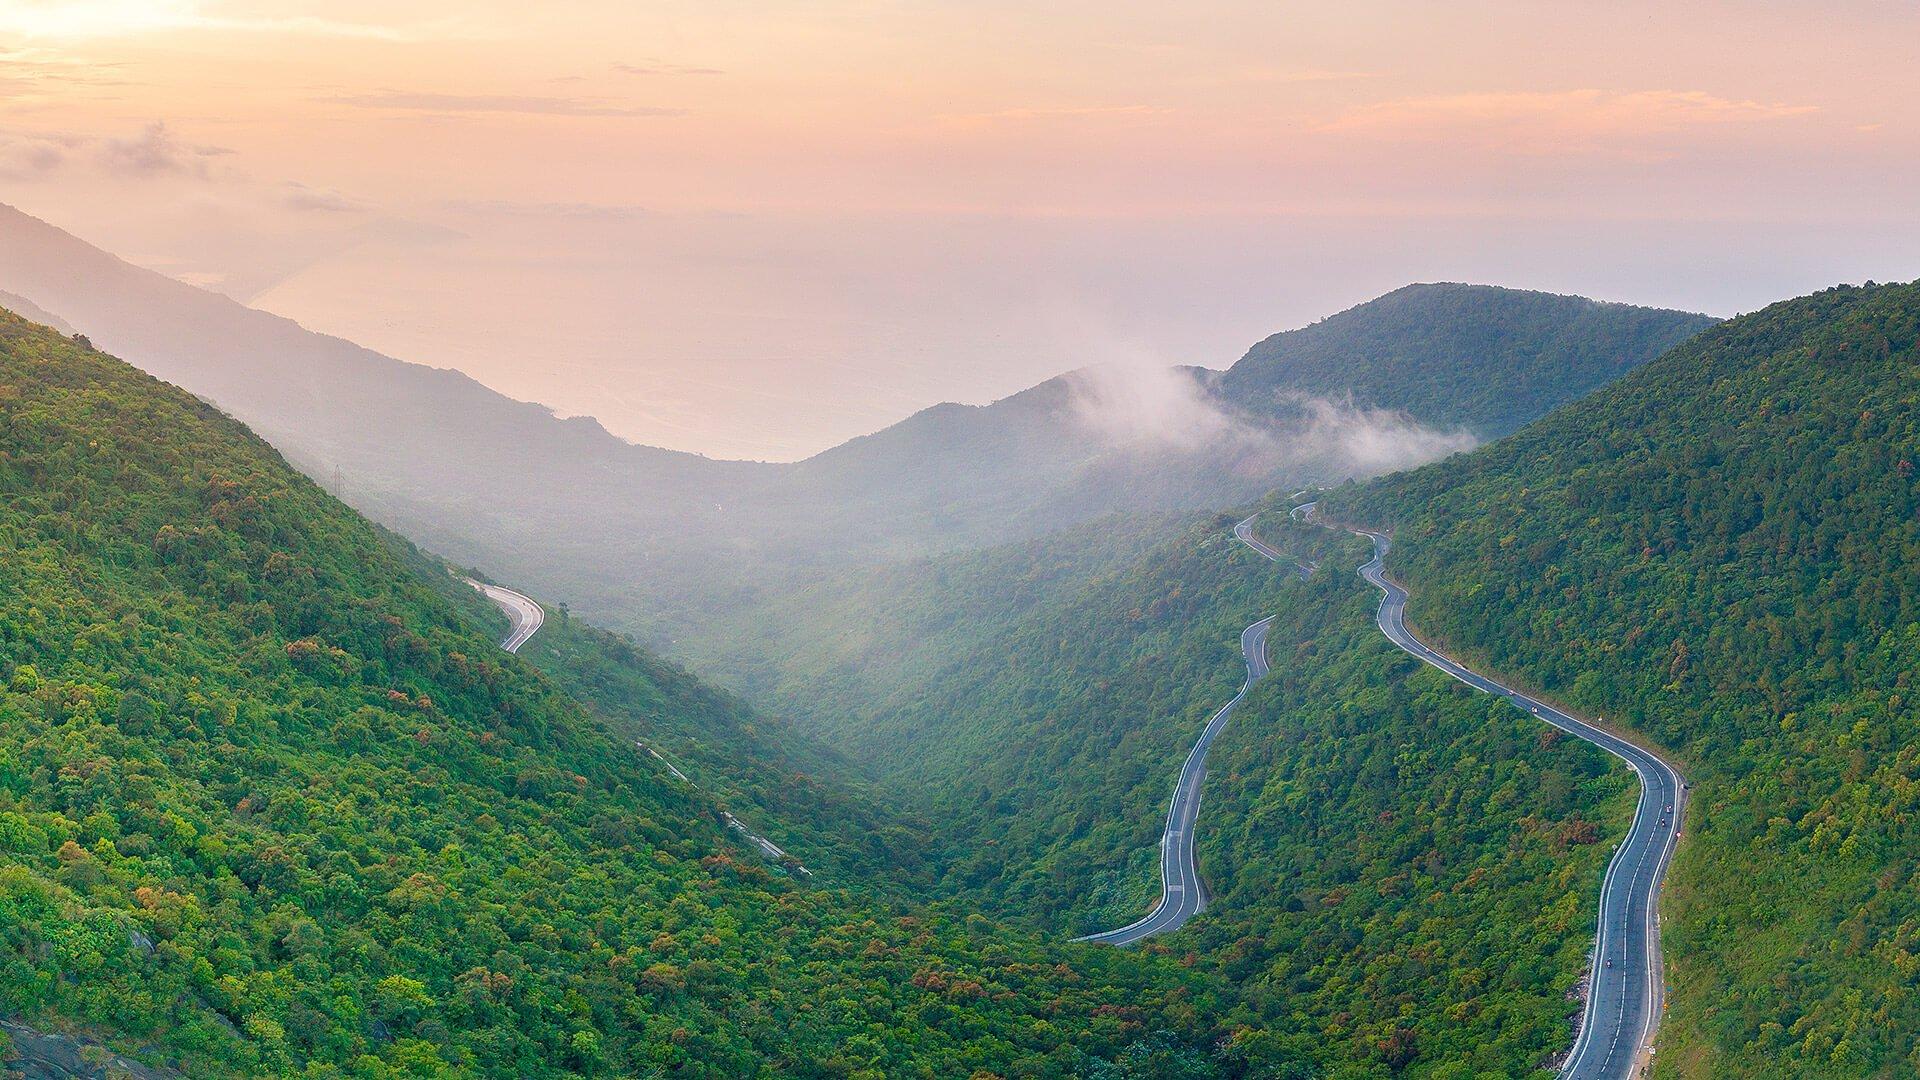 Chinh phục đèo Hải Vân – cung đường mạo hiểm và đẹp nhất Việt Nam